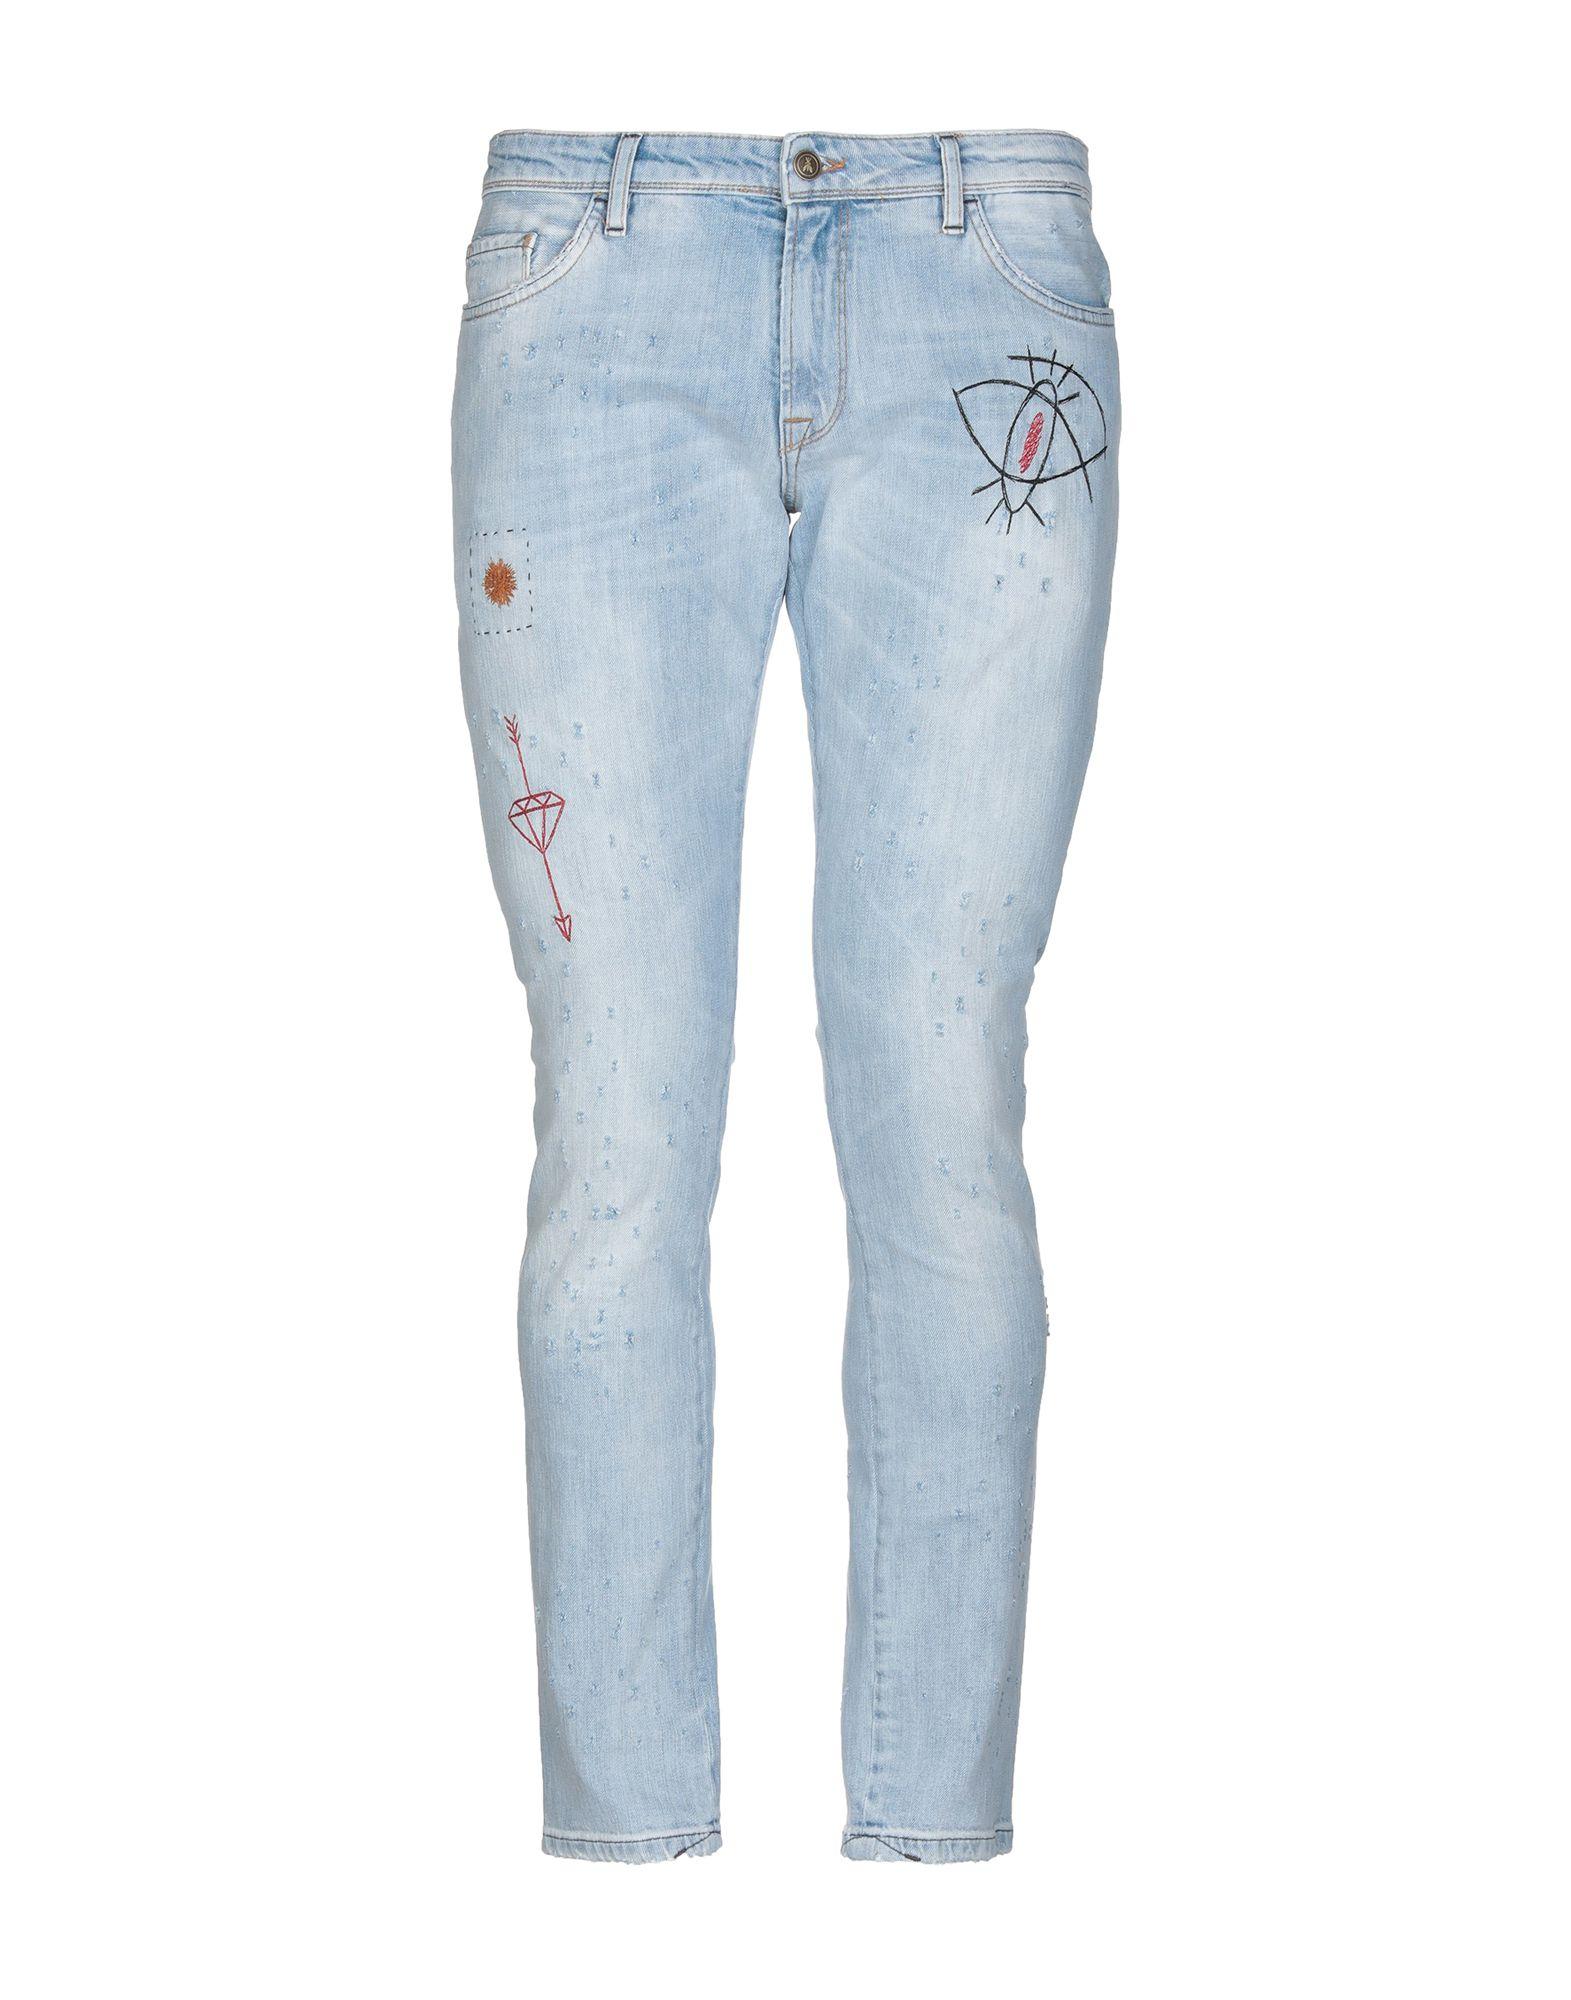 Jeans E Denim Uomo Patrizia Pepe Collezione Primavera-Estate e  Autunno-Inverno - Acquista online su YOOX 24e2245580a